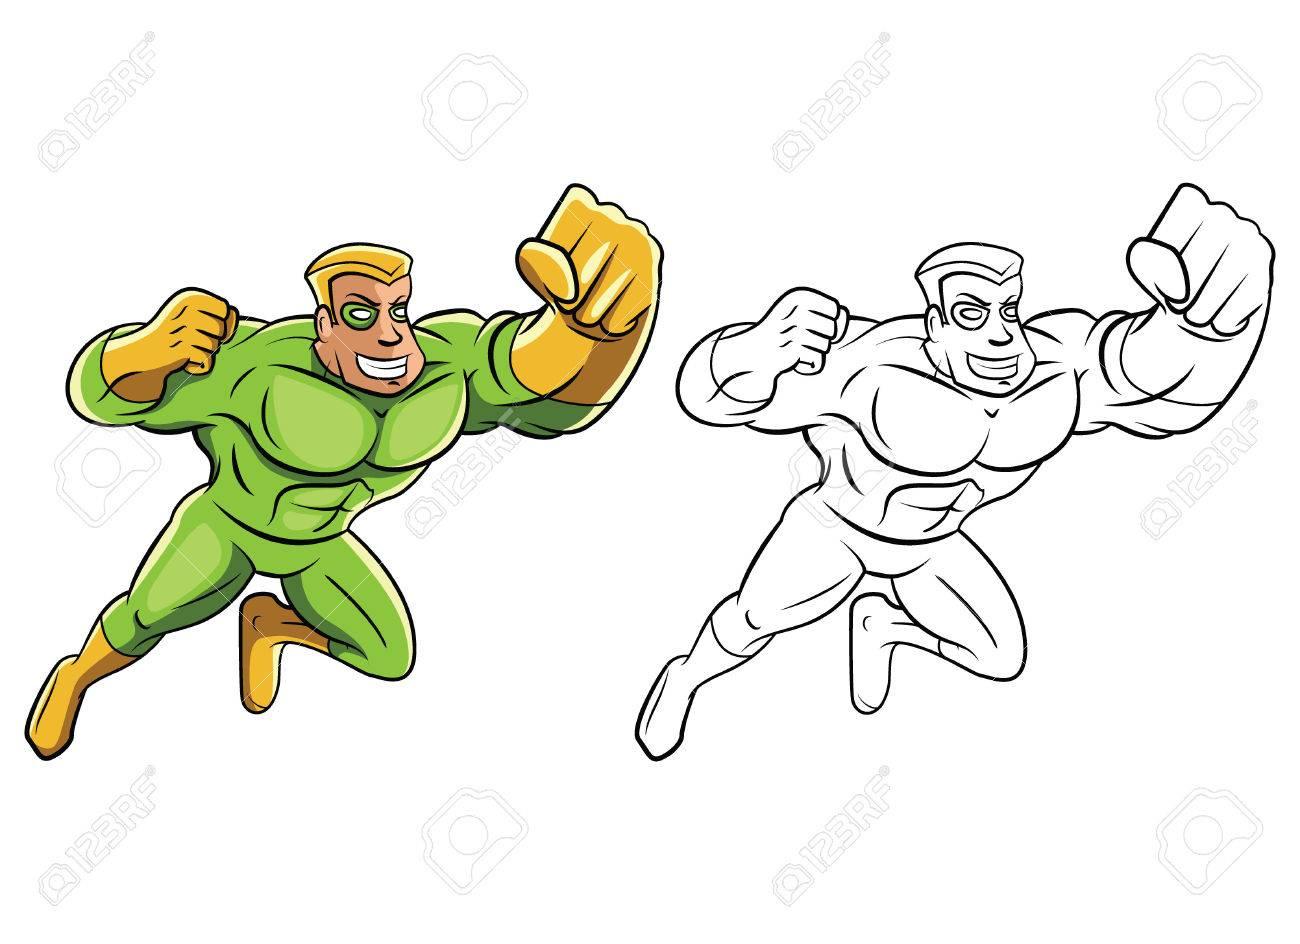 Livre À Colorier Personnage De Dessin Animé Vert Super Hero dedans Personnage A Colorier